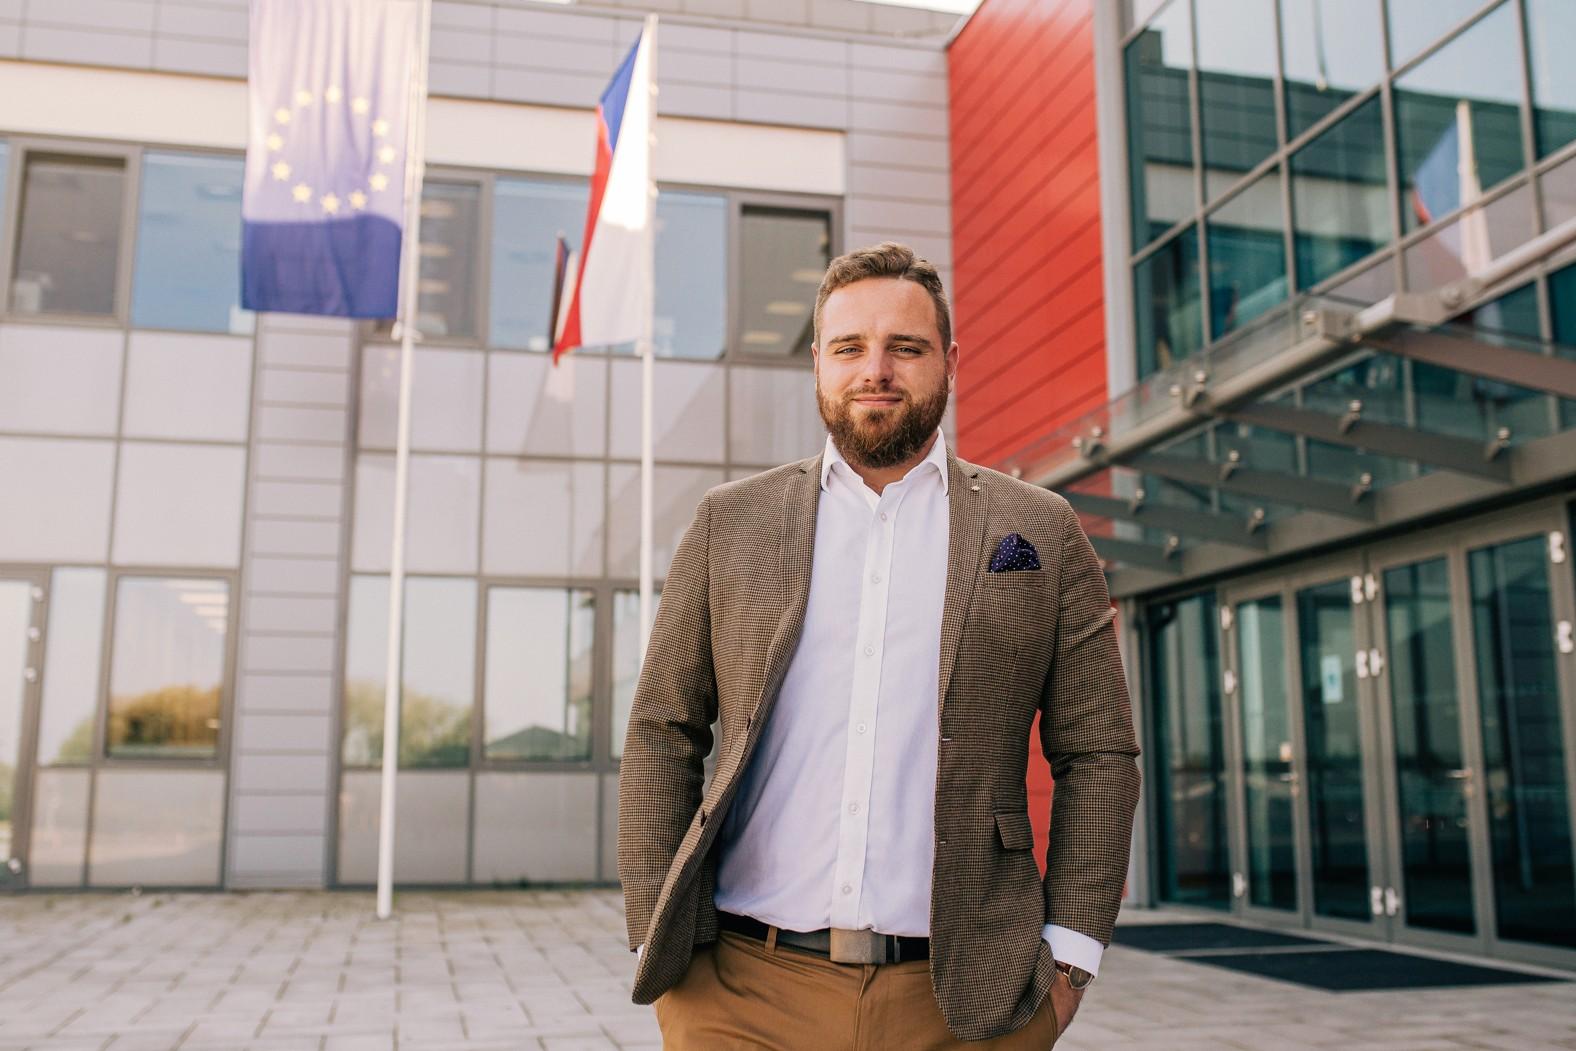 Před výzkumným ústavem BIOCEV. Zdroj: CannaCare.cz